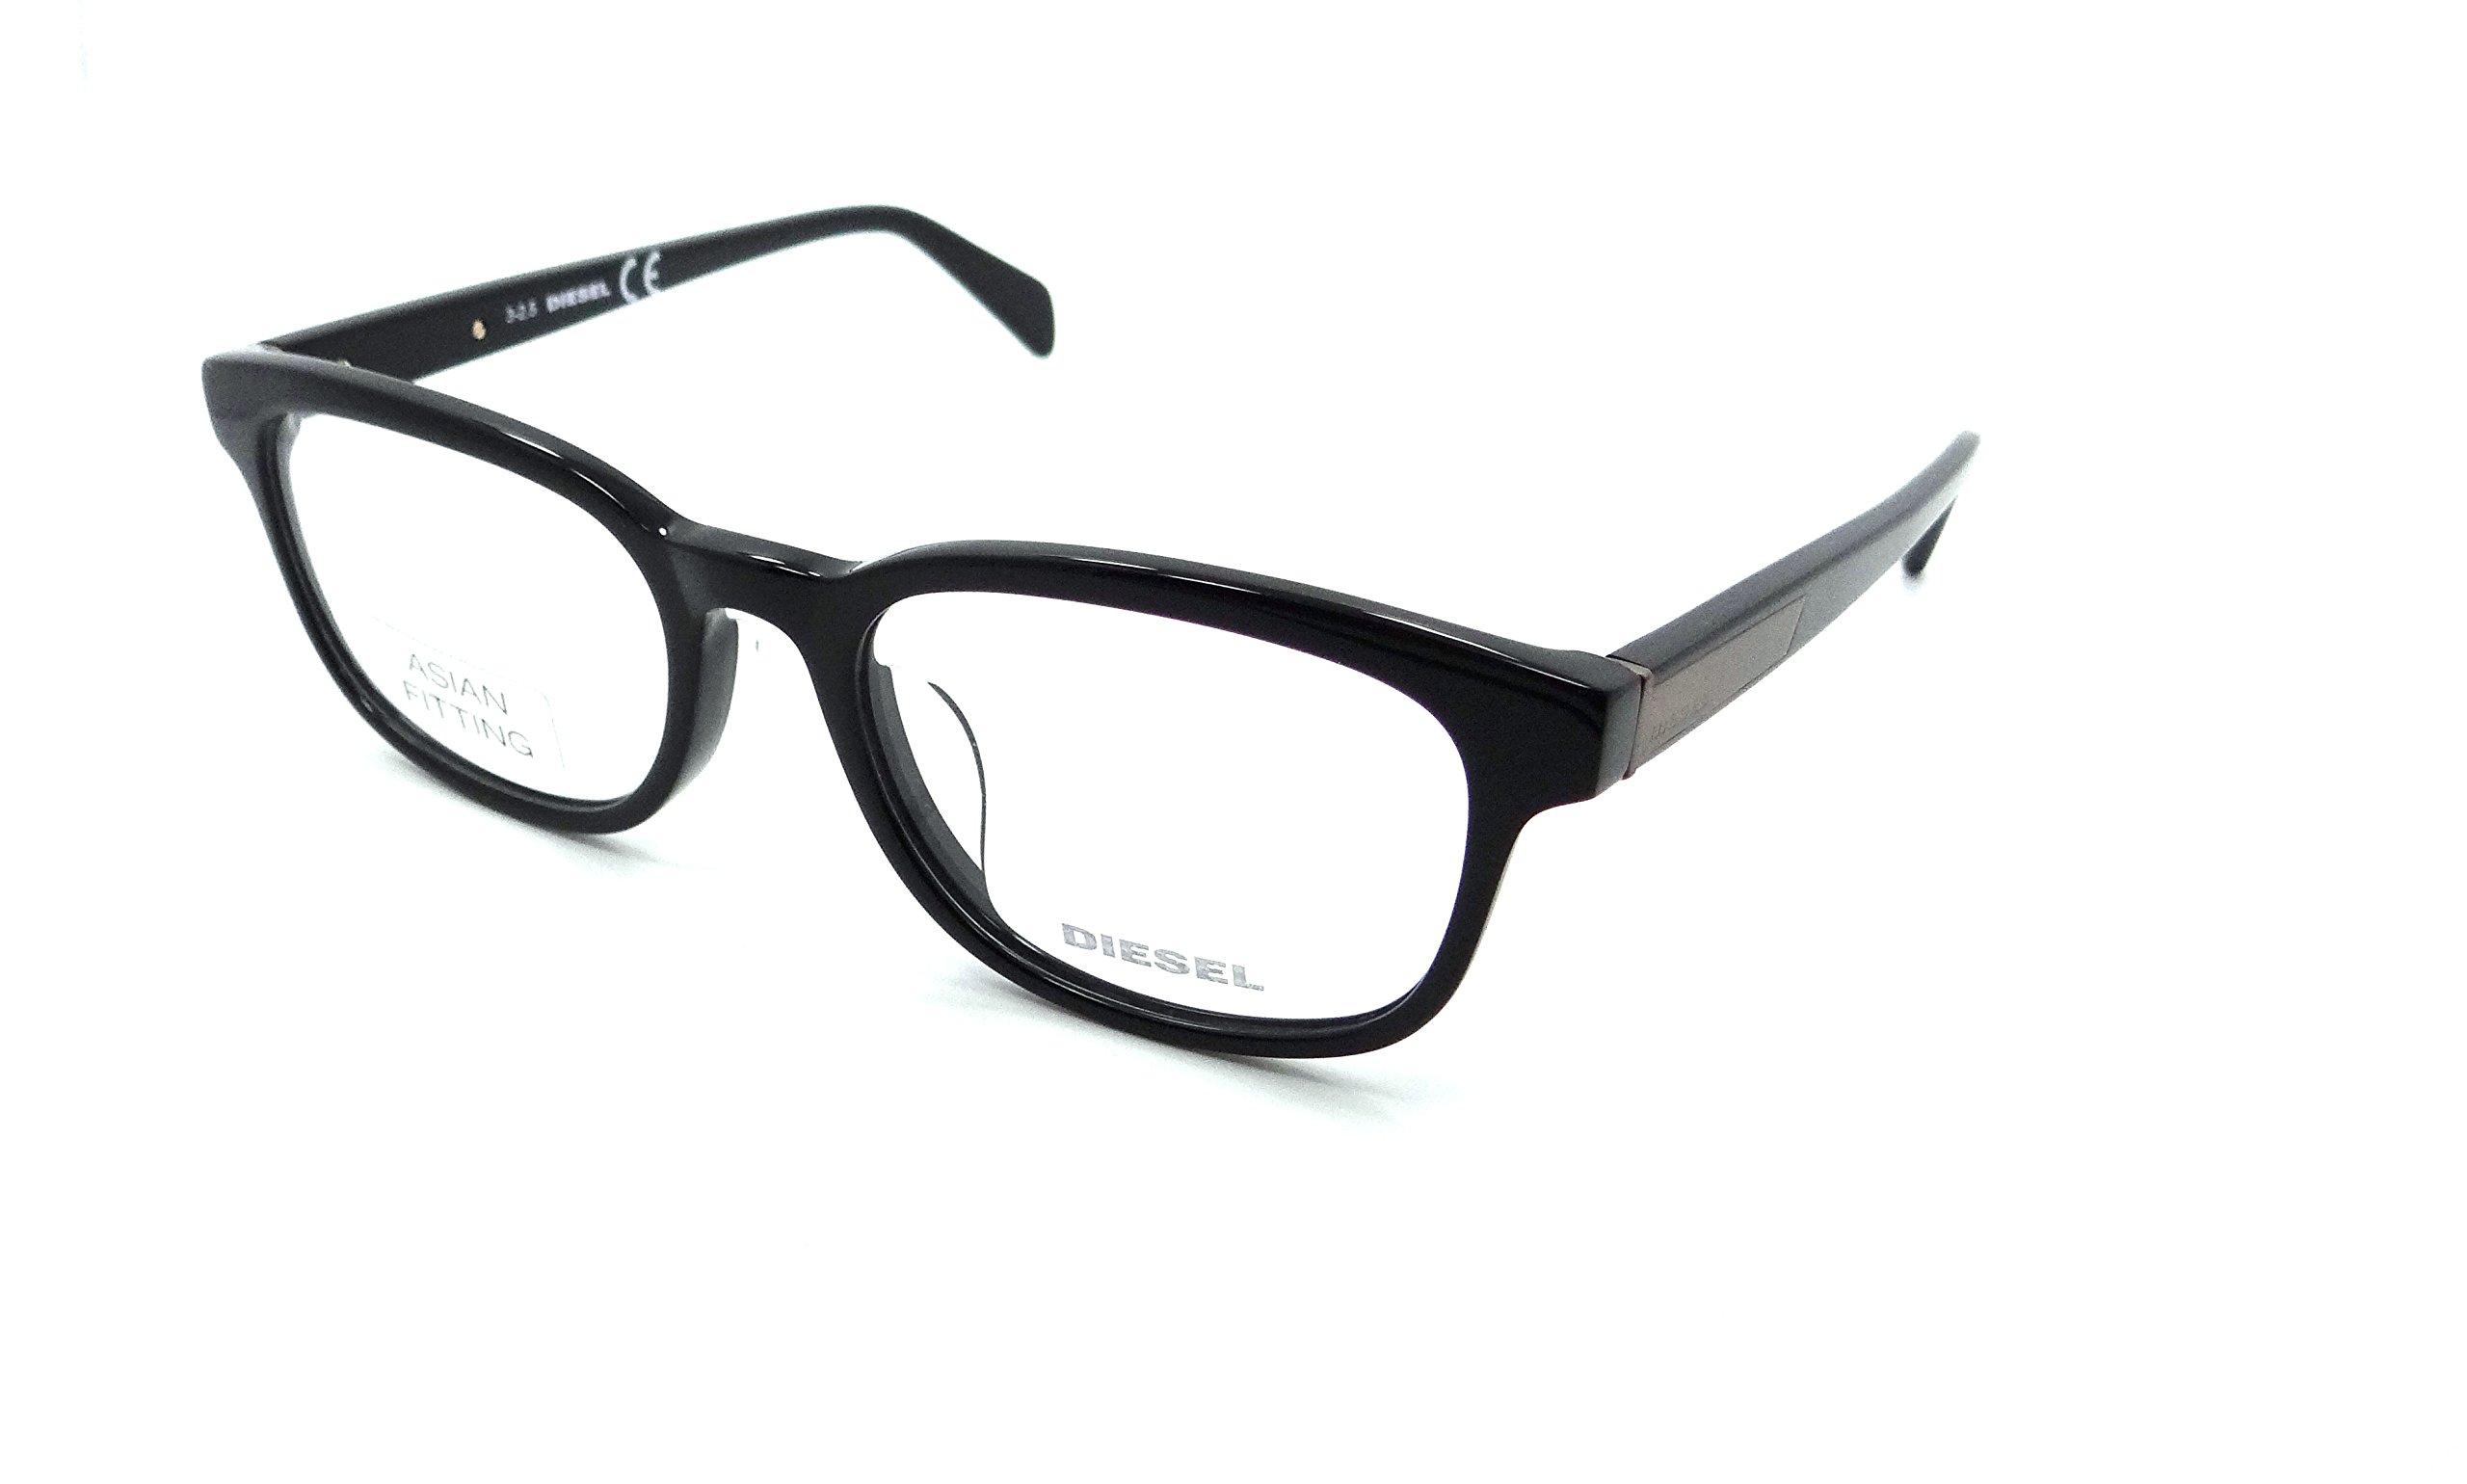 Diesel Rx Eyeglasses Frames DL5207-D 001 54-19-145 Shiny Black Asian Fit